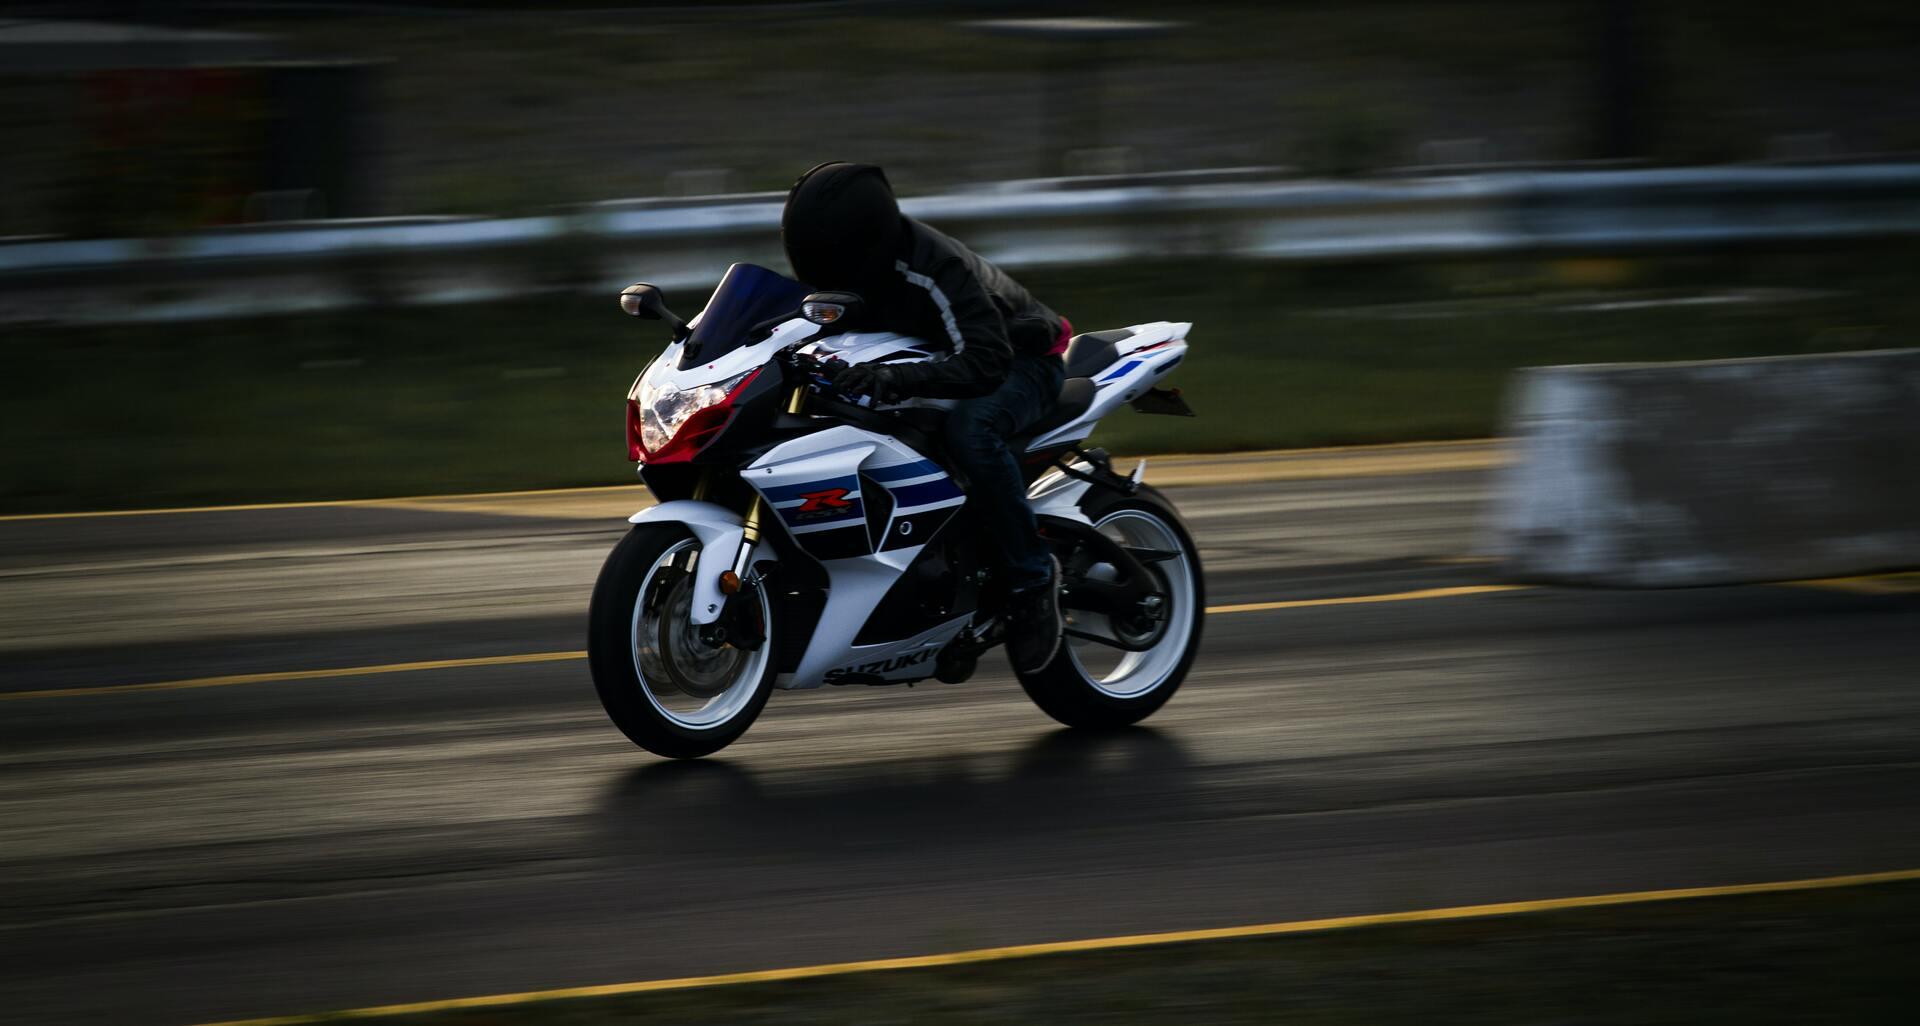 Un motard flashé à 203 km/h :Le message hilarant de la gendarmerie des Vosges après avoir confisqué sa moto